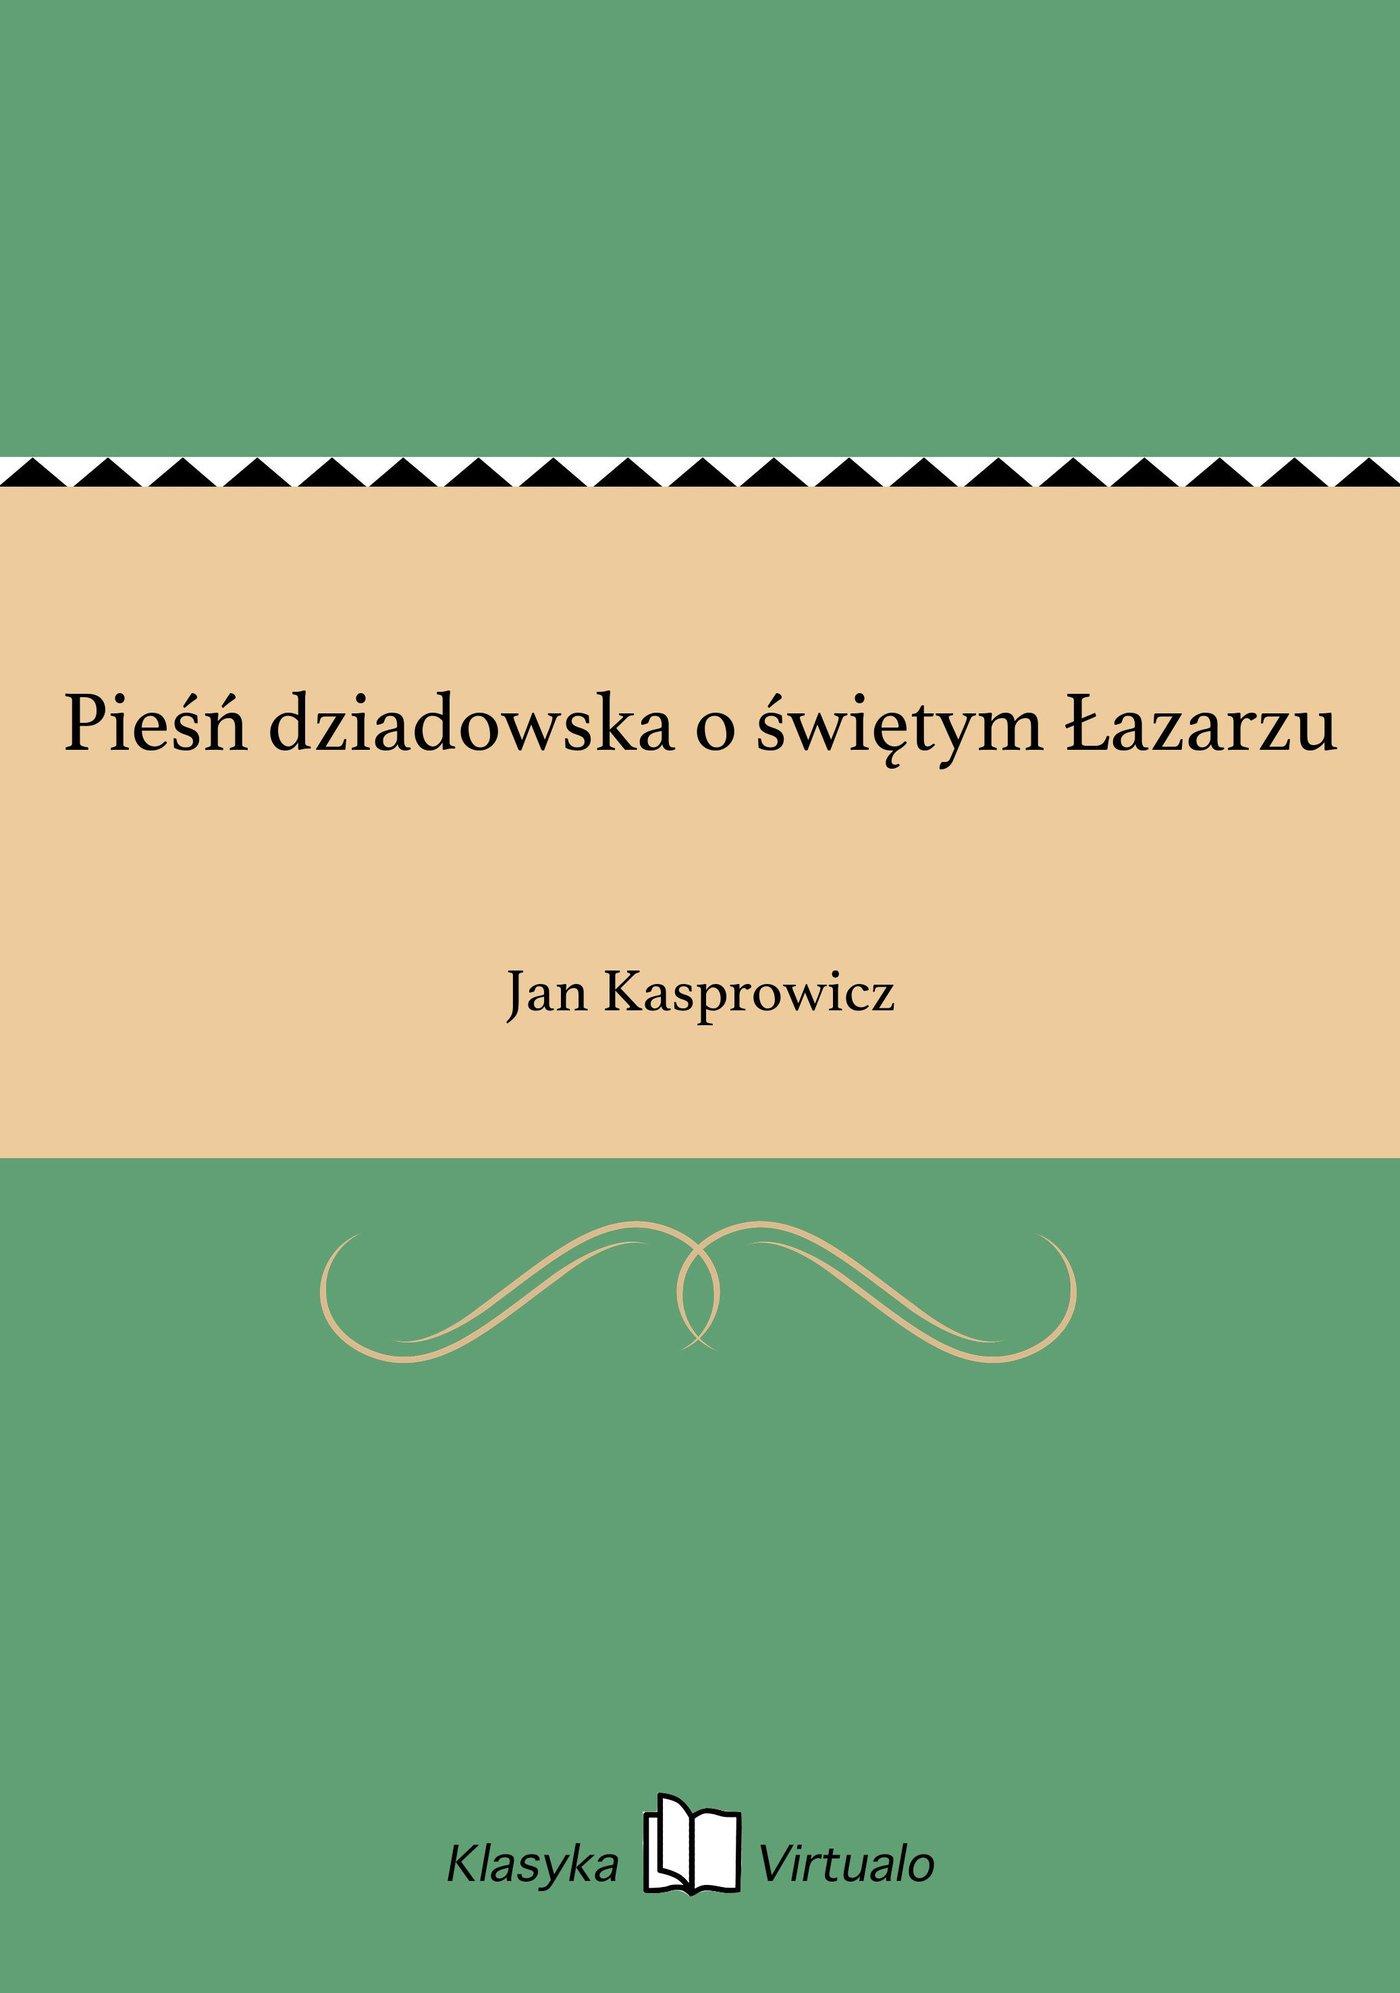 Pieśń dziadowska o świętym Łazarzu - Ebook (Książka EPUB) do pobrania w formacie EPUB